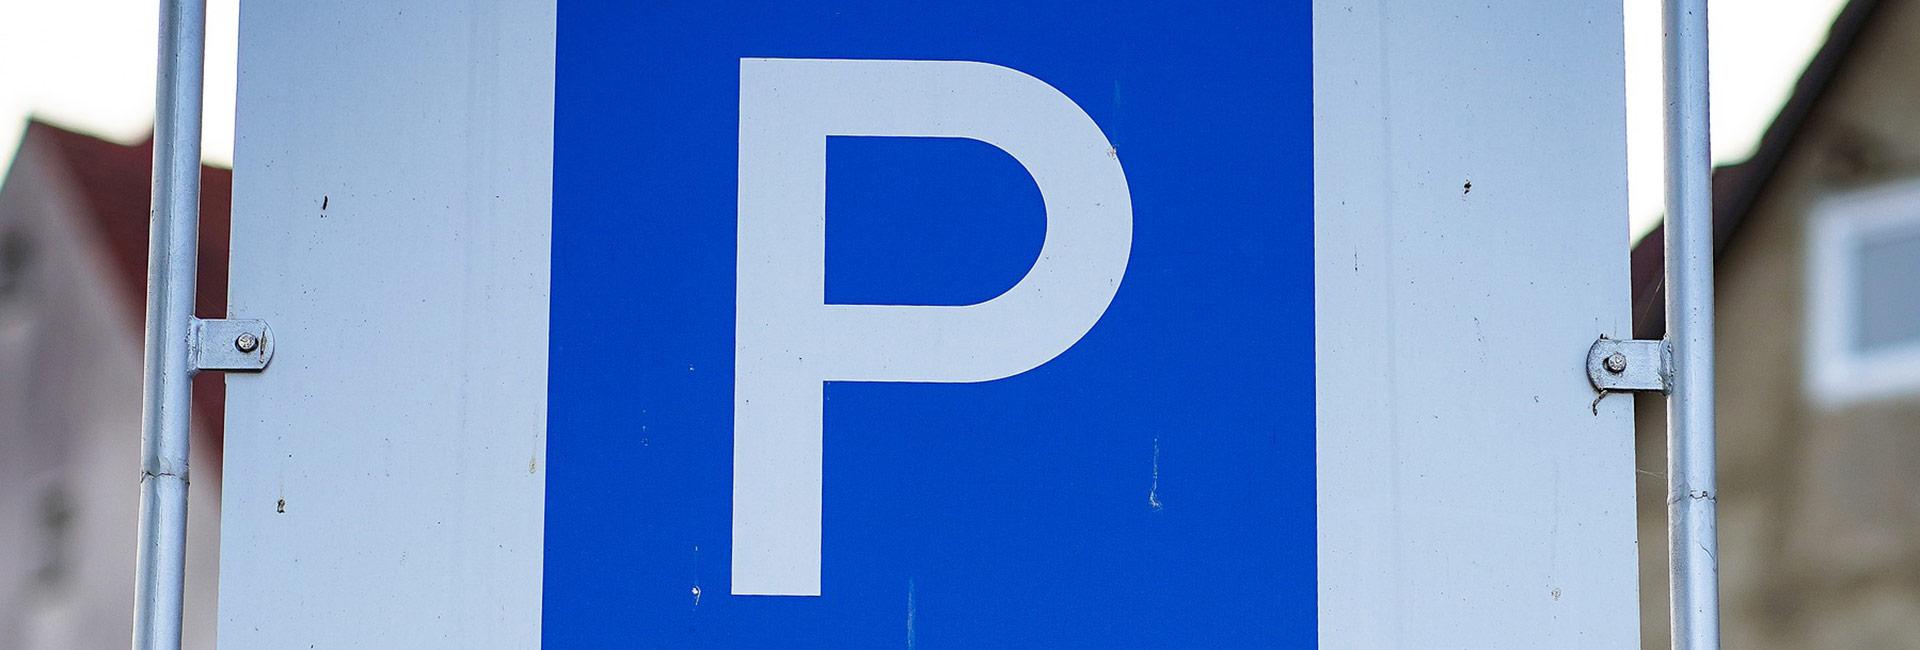 öffentliche Parkplätze